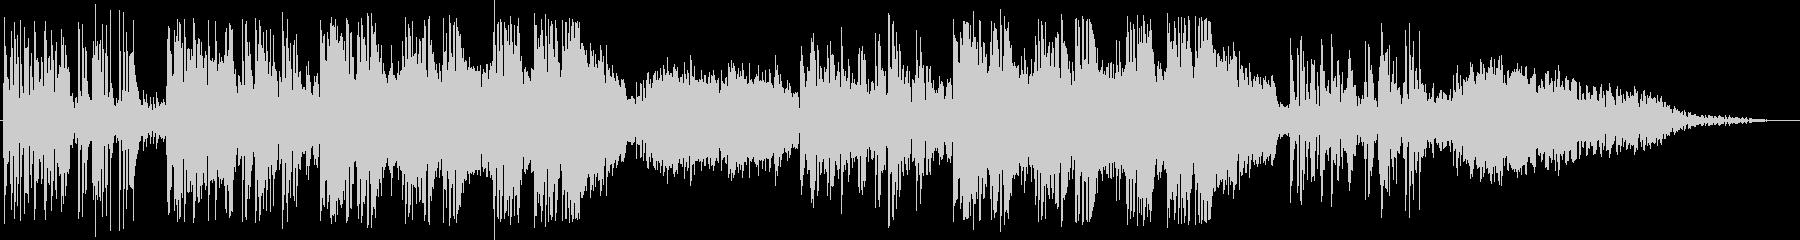 英語洋楽:中期ビートルズ・悲しげなピアノの未再生の波形